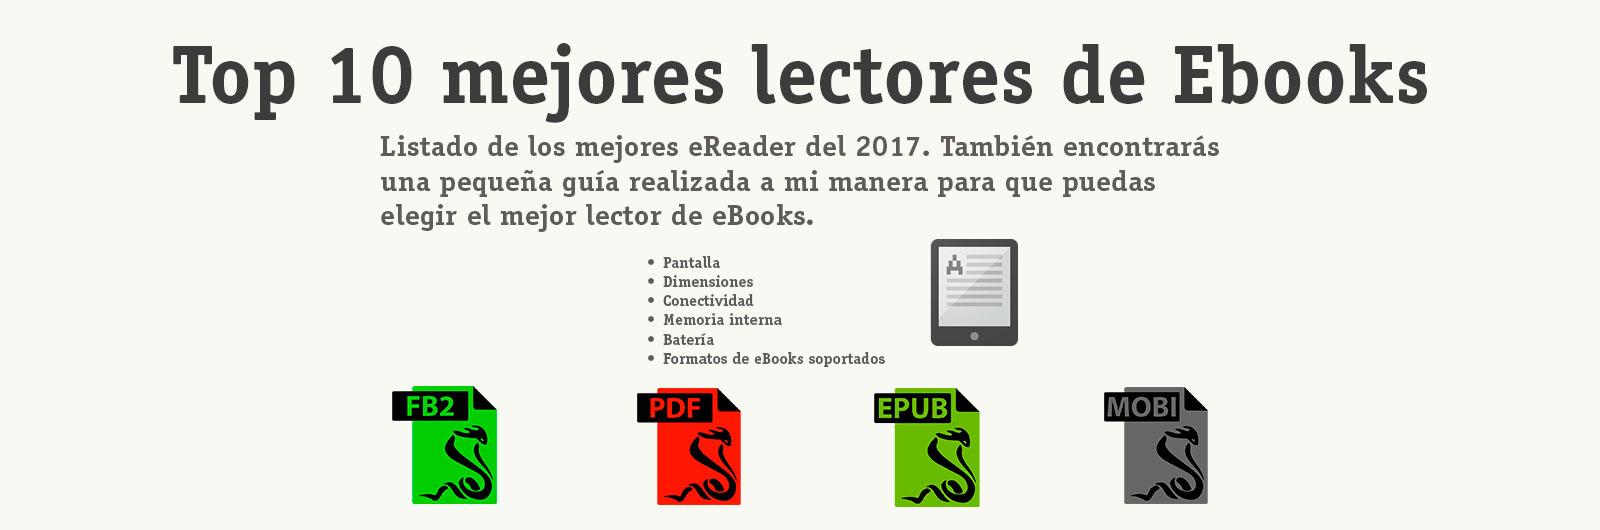 mejores-lectores-de-eBooks-2017-ESPAÑA